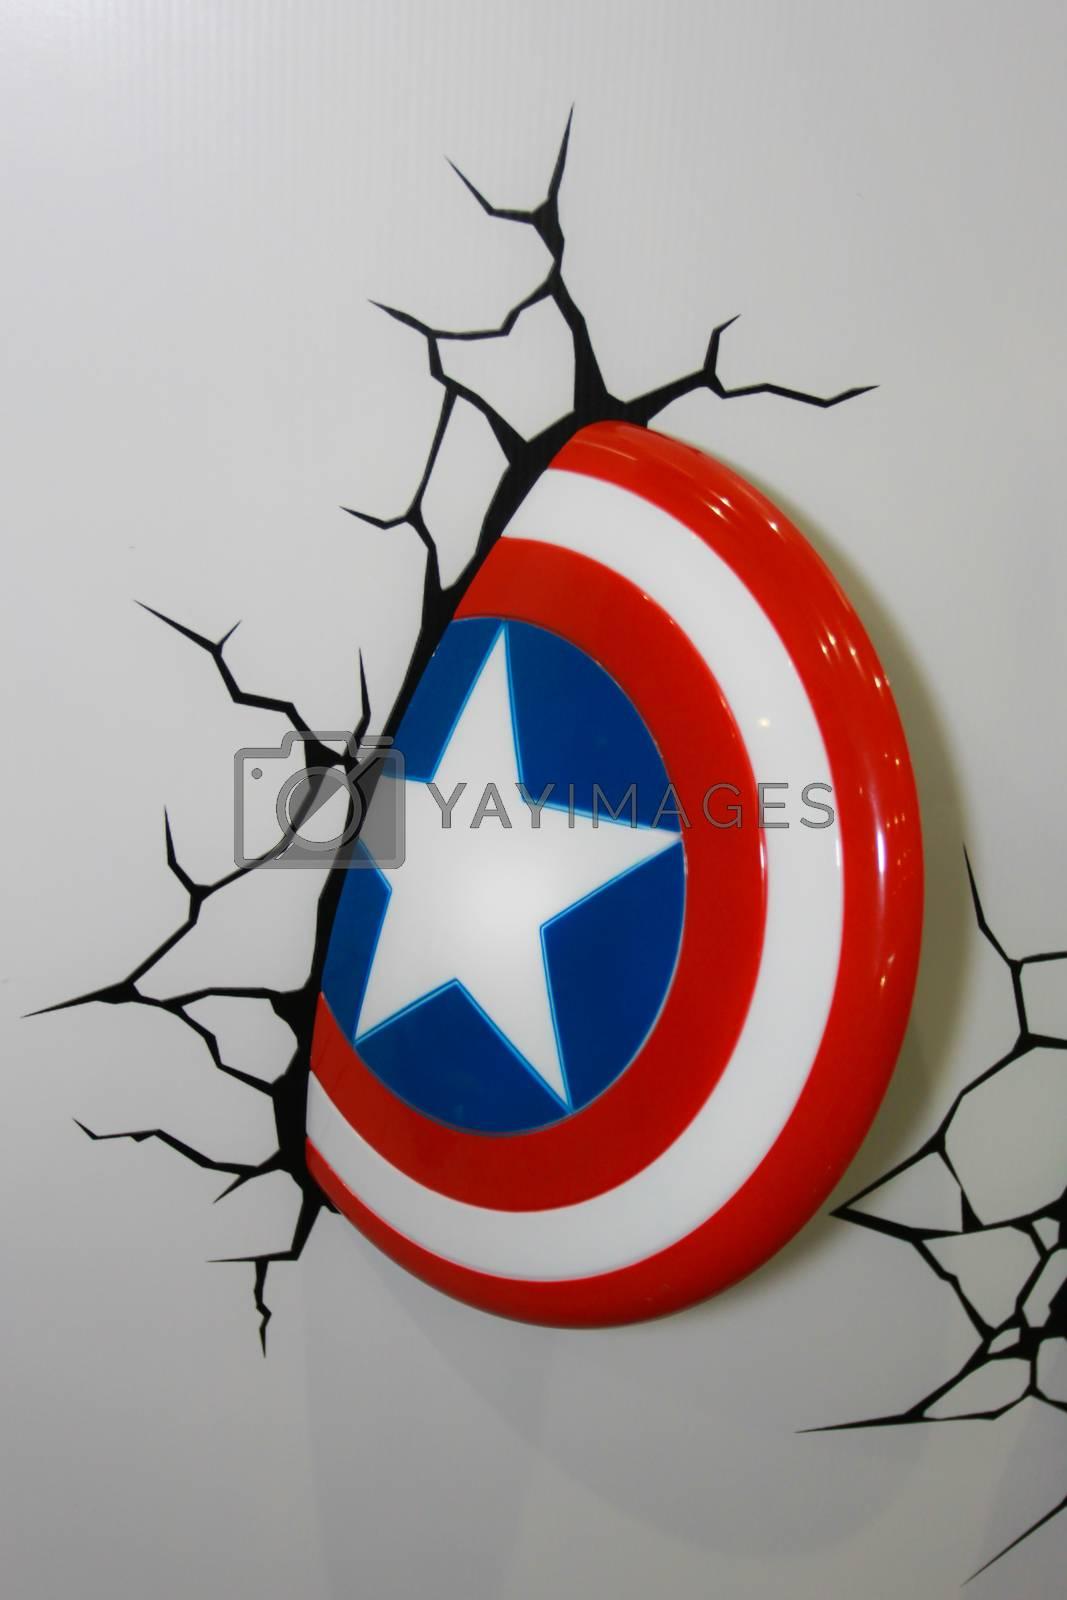 BANGKOK - MAY. 11: A Captain America Shield model in Thailand Comic Con 2014 on May 11, 2014 at Siam Paragon, Bangkok, Thailand.